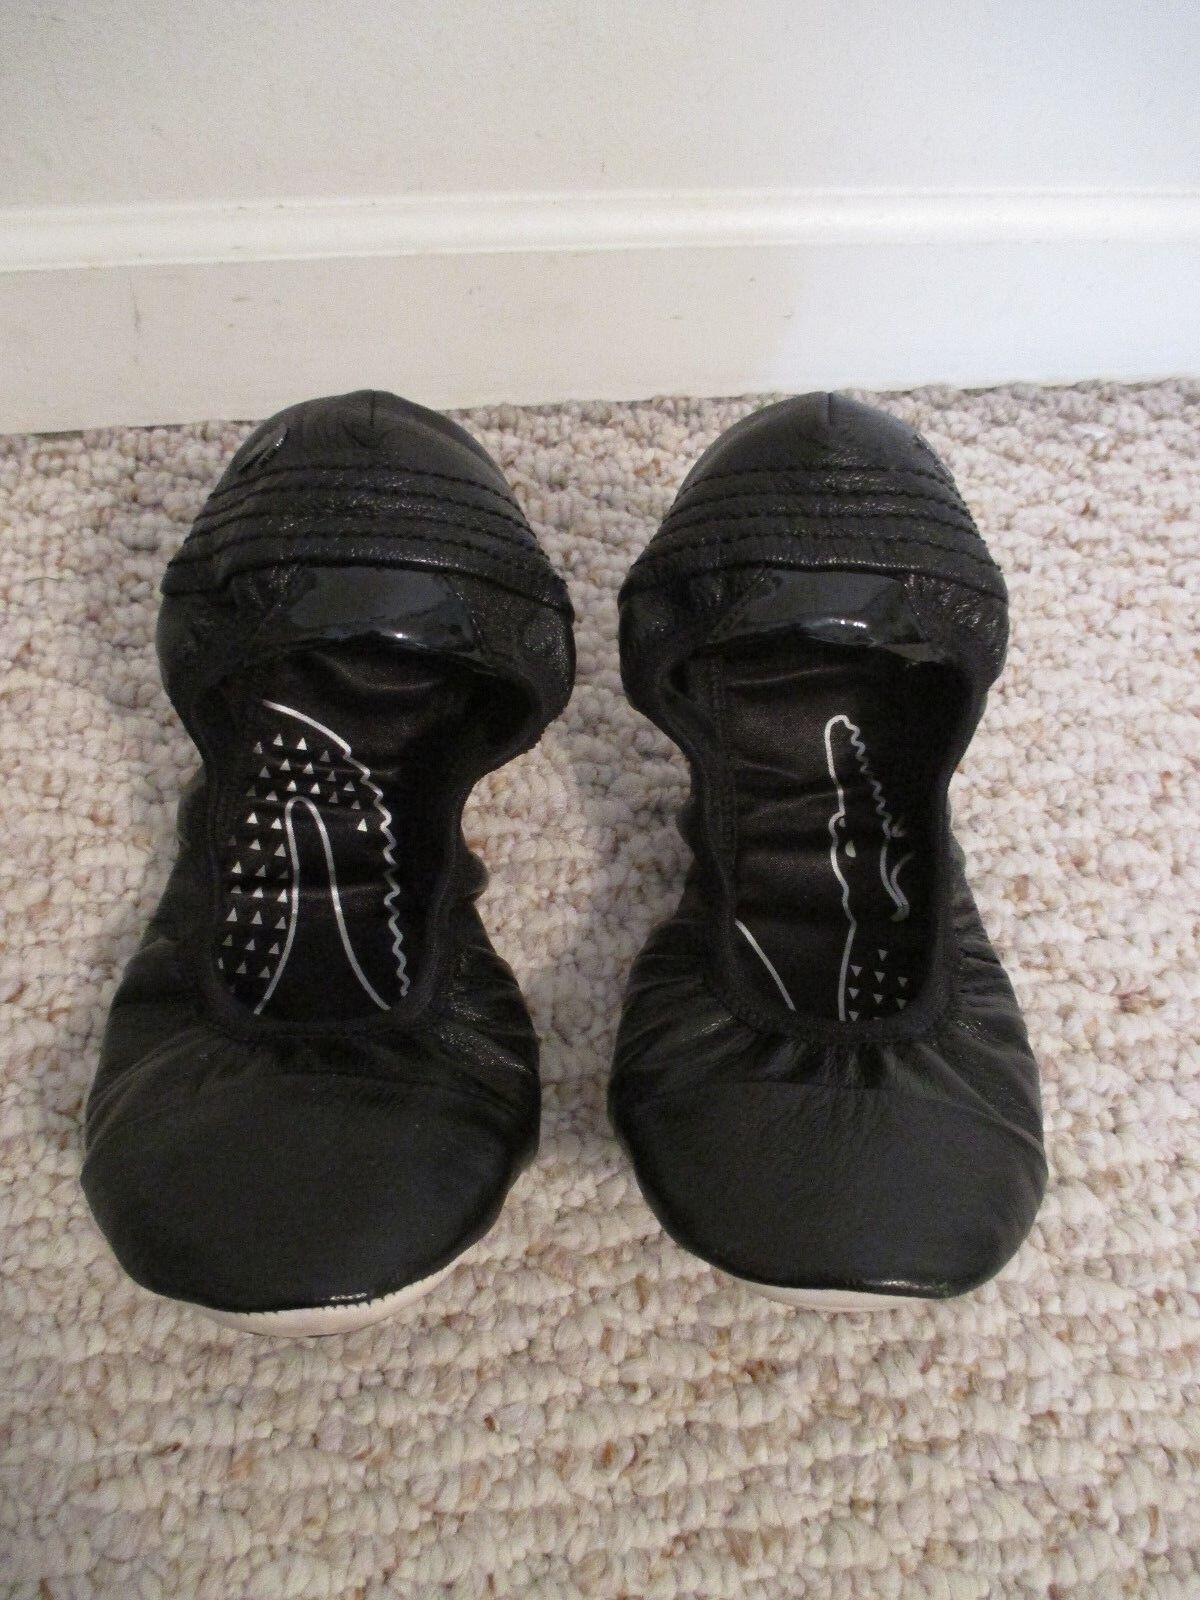 Lacoste Villietta Black Ballet shoes Size 8.5 US